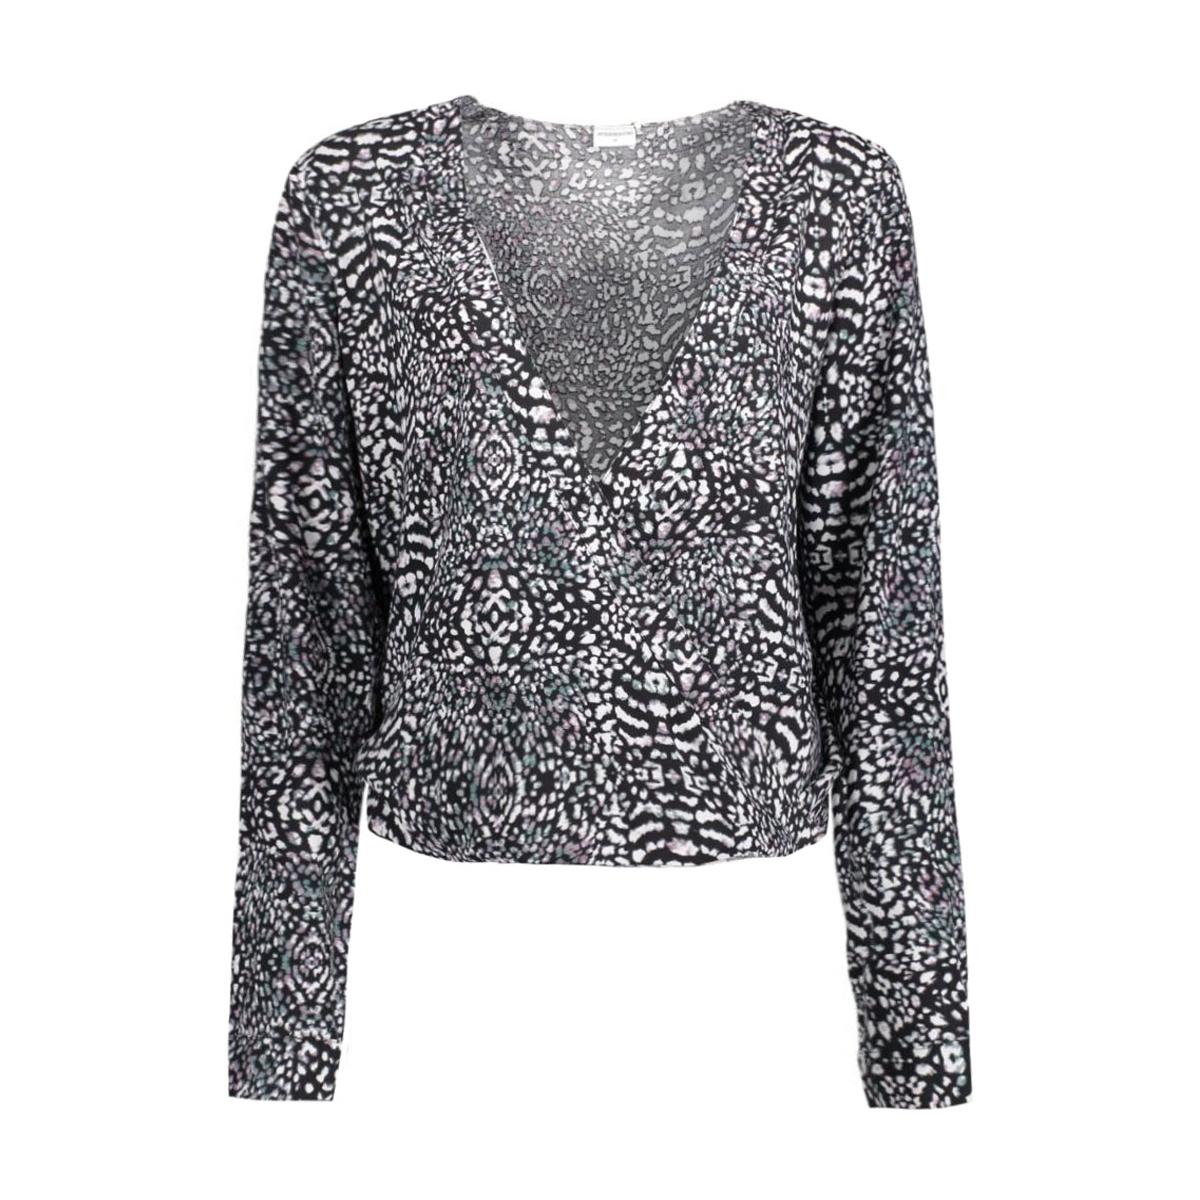 jdylyla l/s shirt wvn 15120302 jacqueline de yong blouse cloud dancer/lyla leo